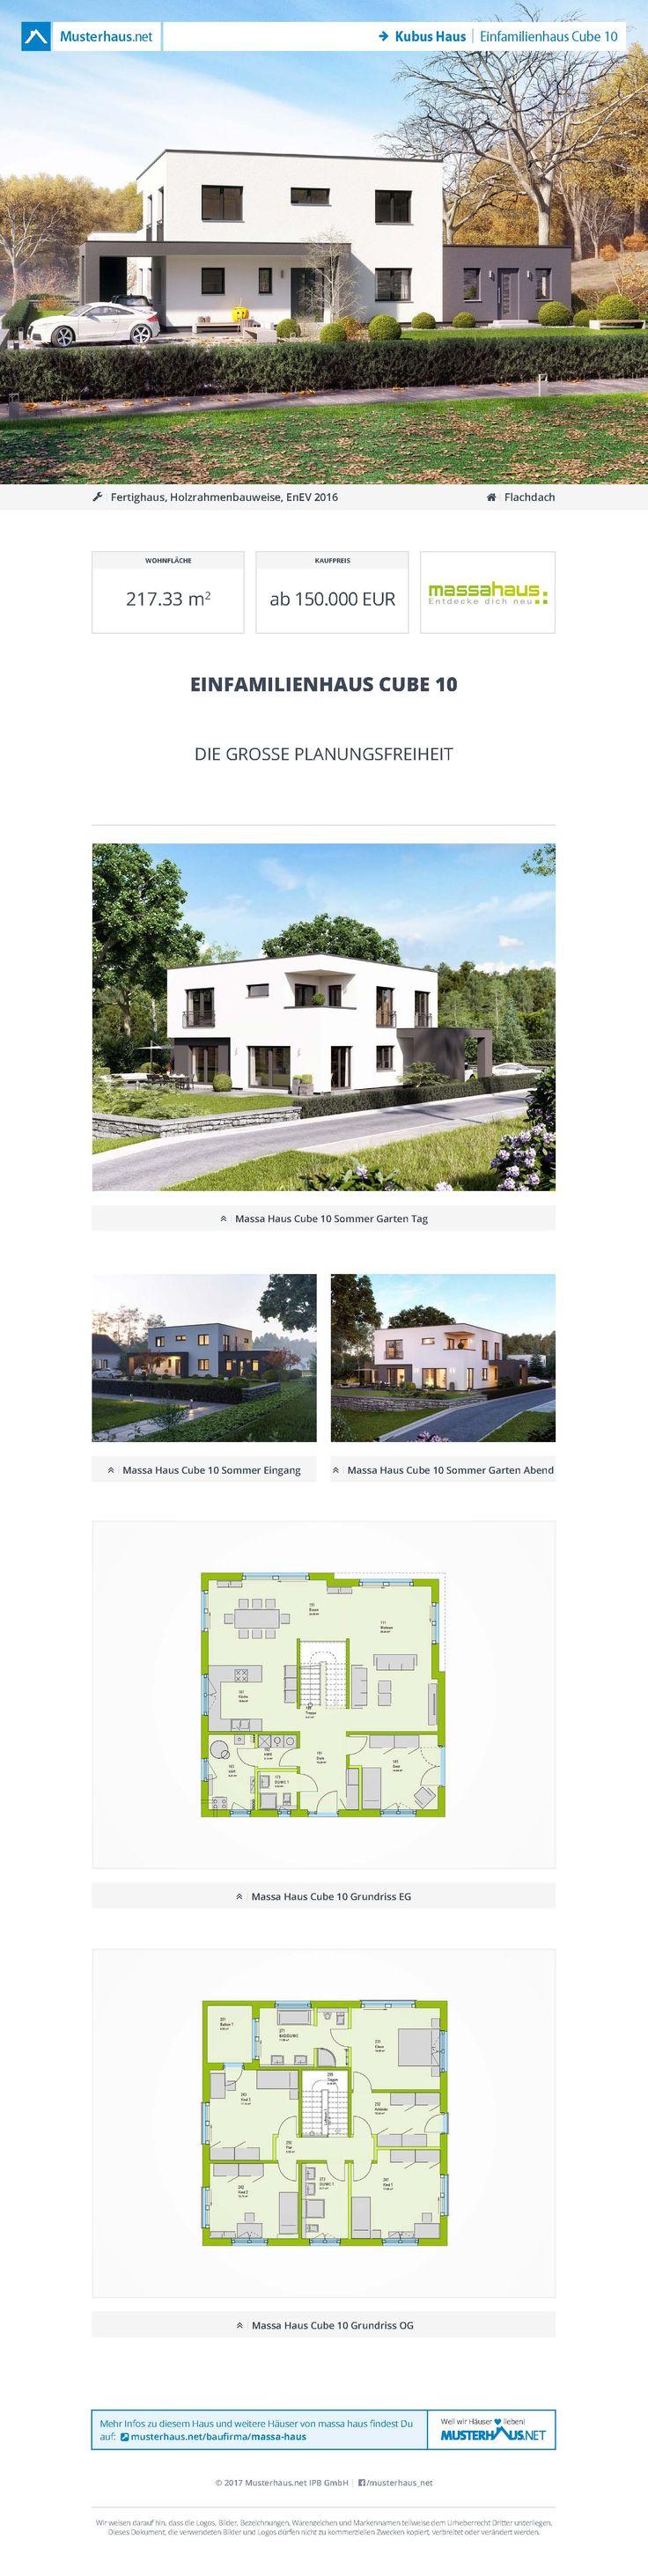 #Kubus Haus · Einfamilienhaus Cube 10 · massa haus · Jetzt bei #Musterhaus.net Unterlagen anfordern!